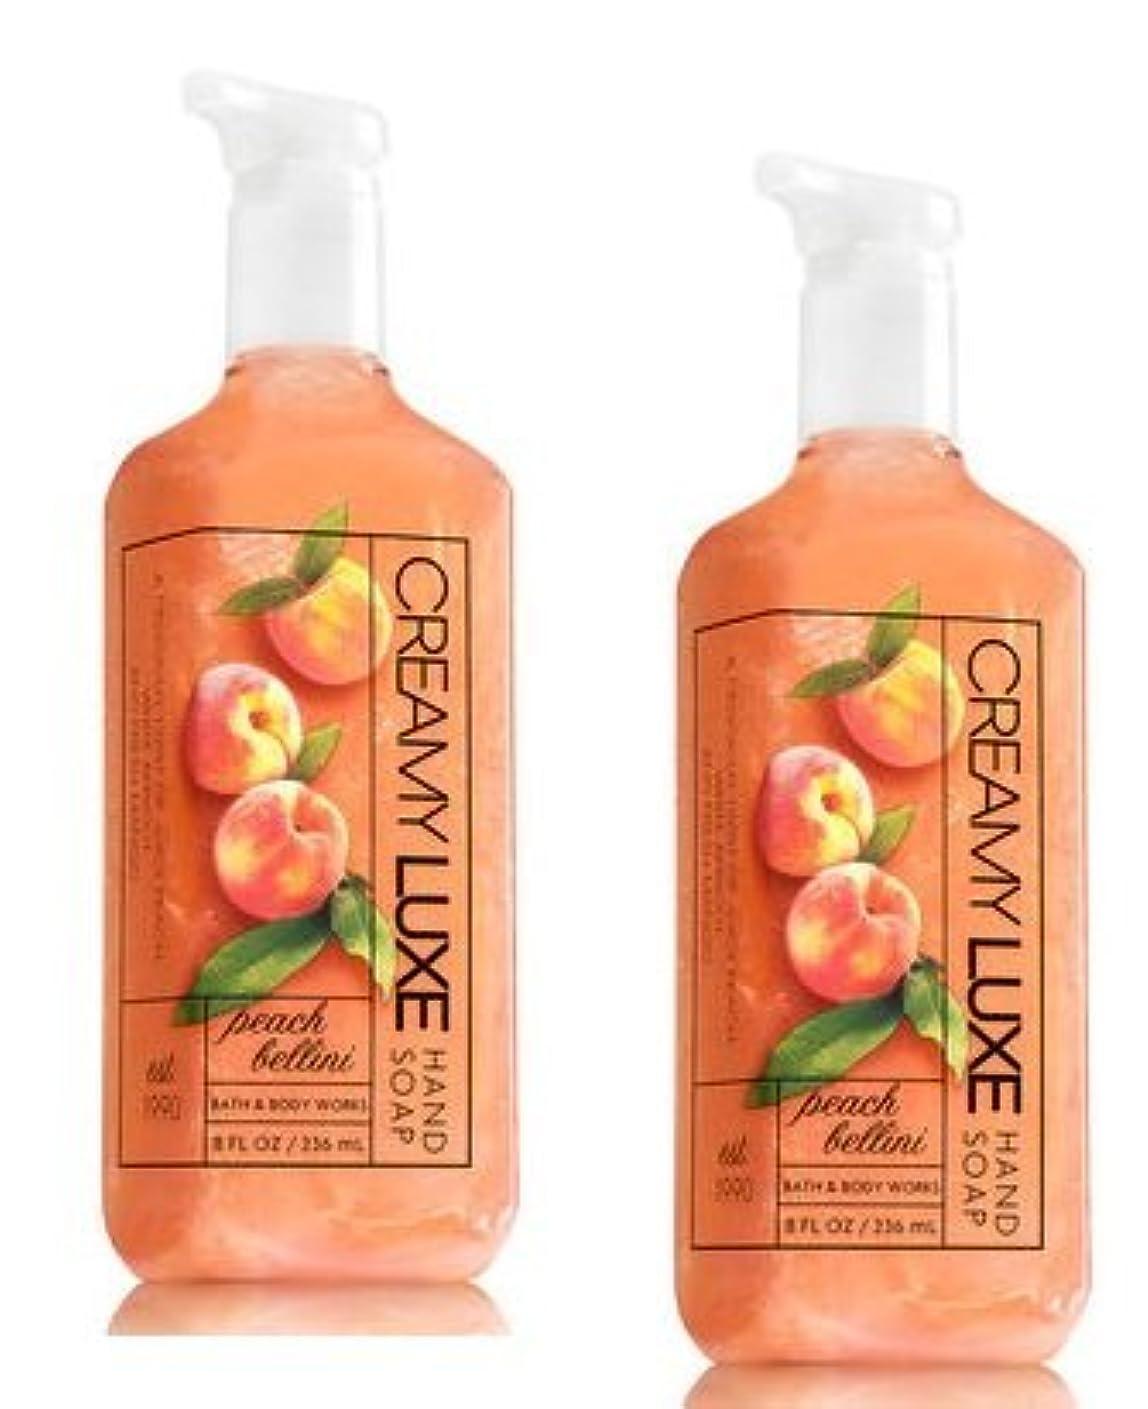 ほかに消去アーティストBath & Body Works ピーチベリーニ クリーミー リュクス ハンドソープ 2本セット PEACH BELLINI Creamy Luxe Hand Soap. 8 oz 236ml [並行輸入品]